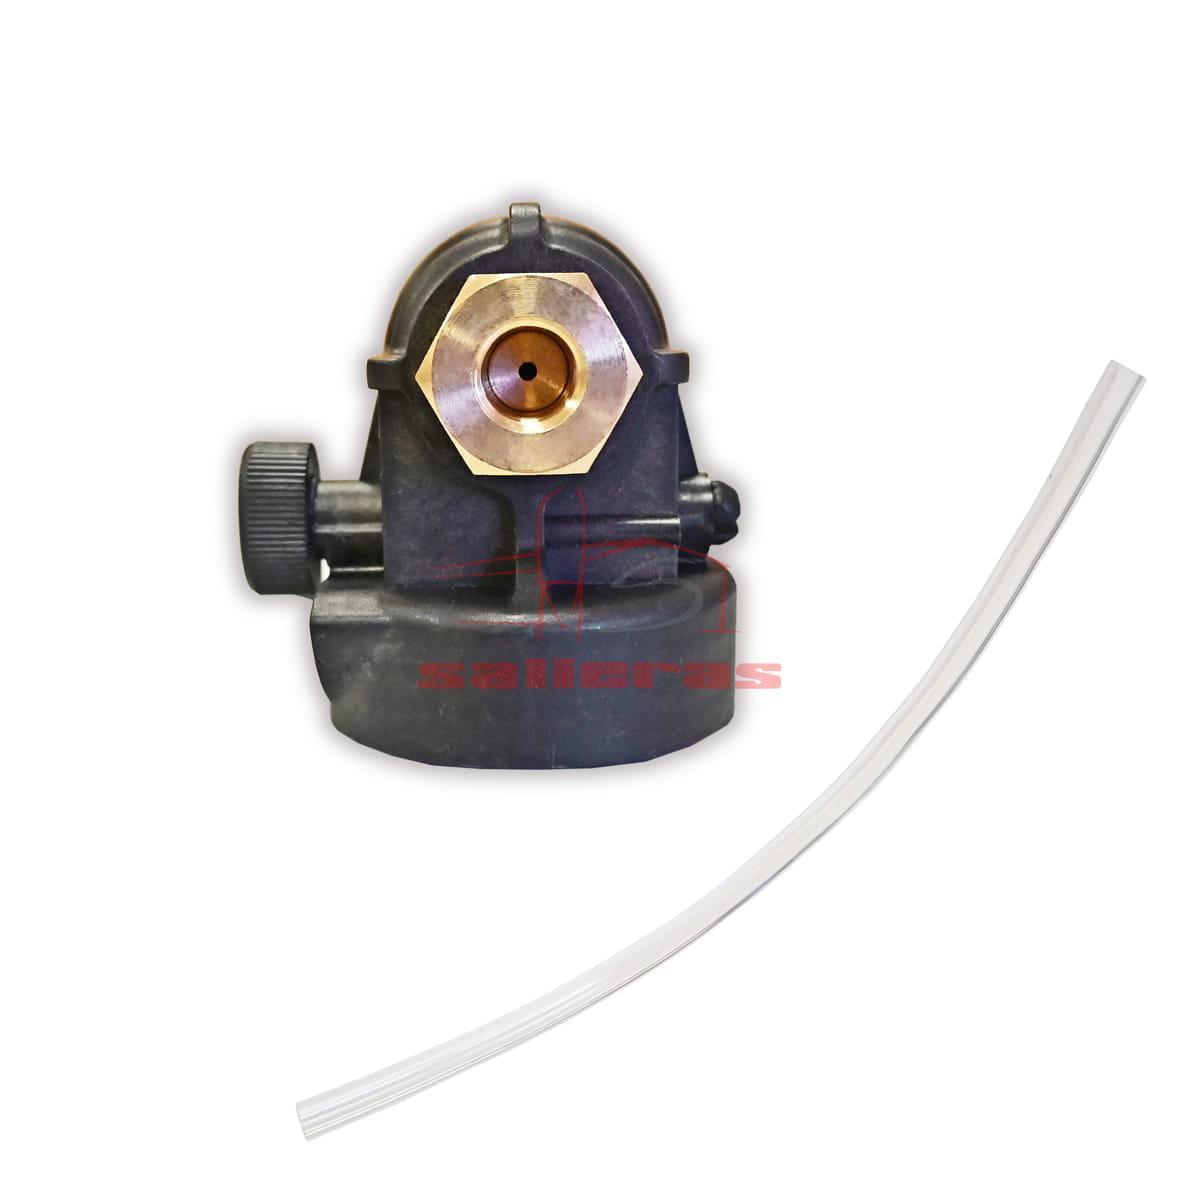 Boquilla y tubo para lanzar espuma